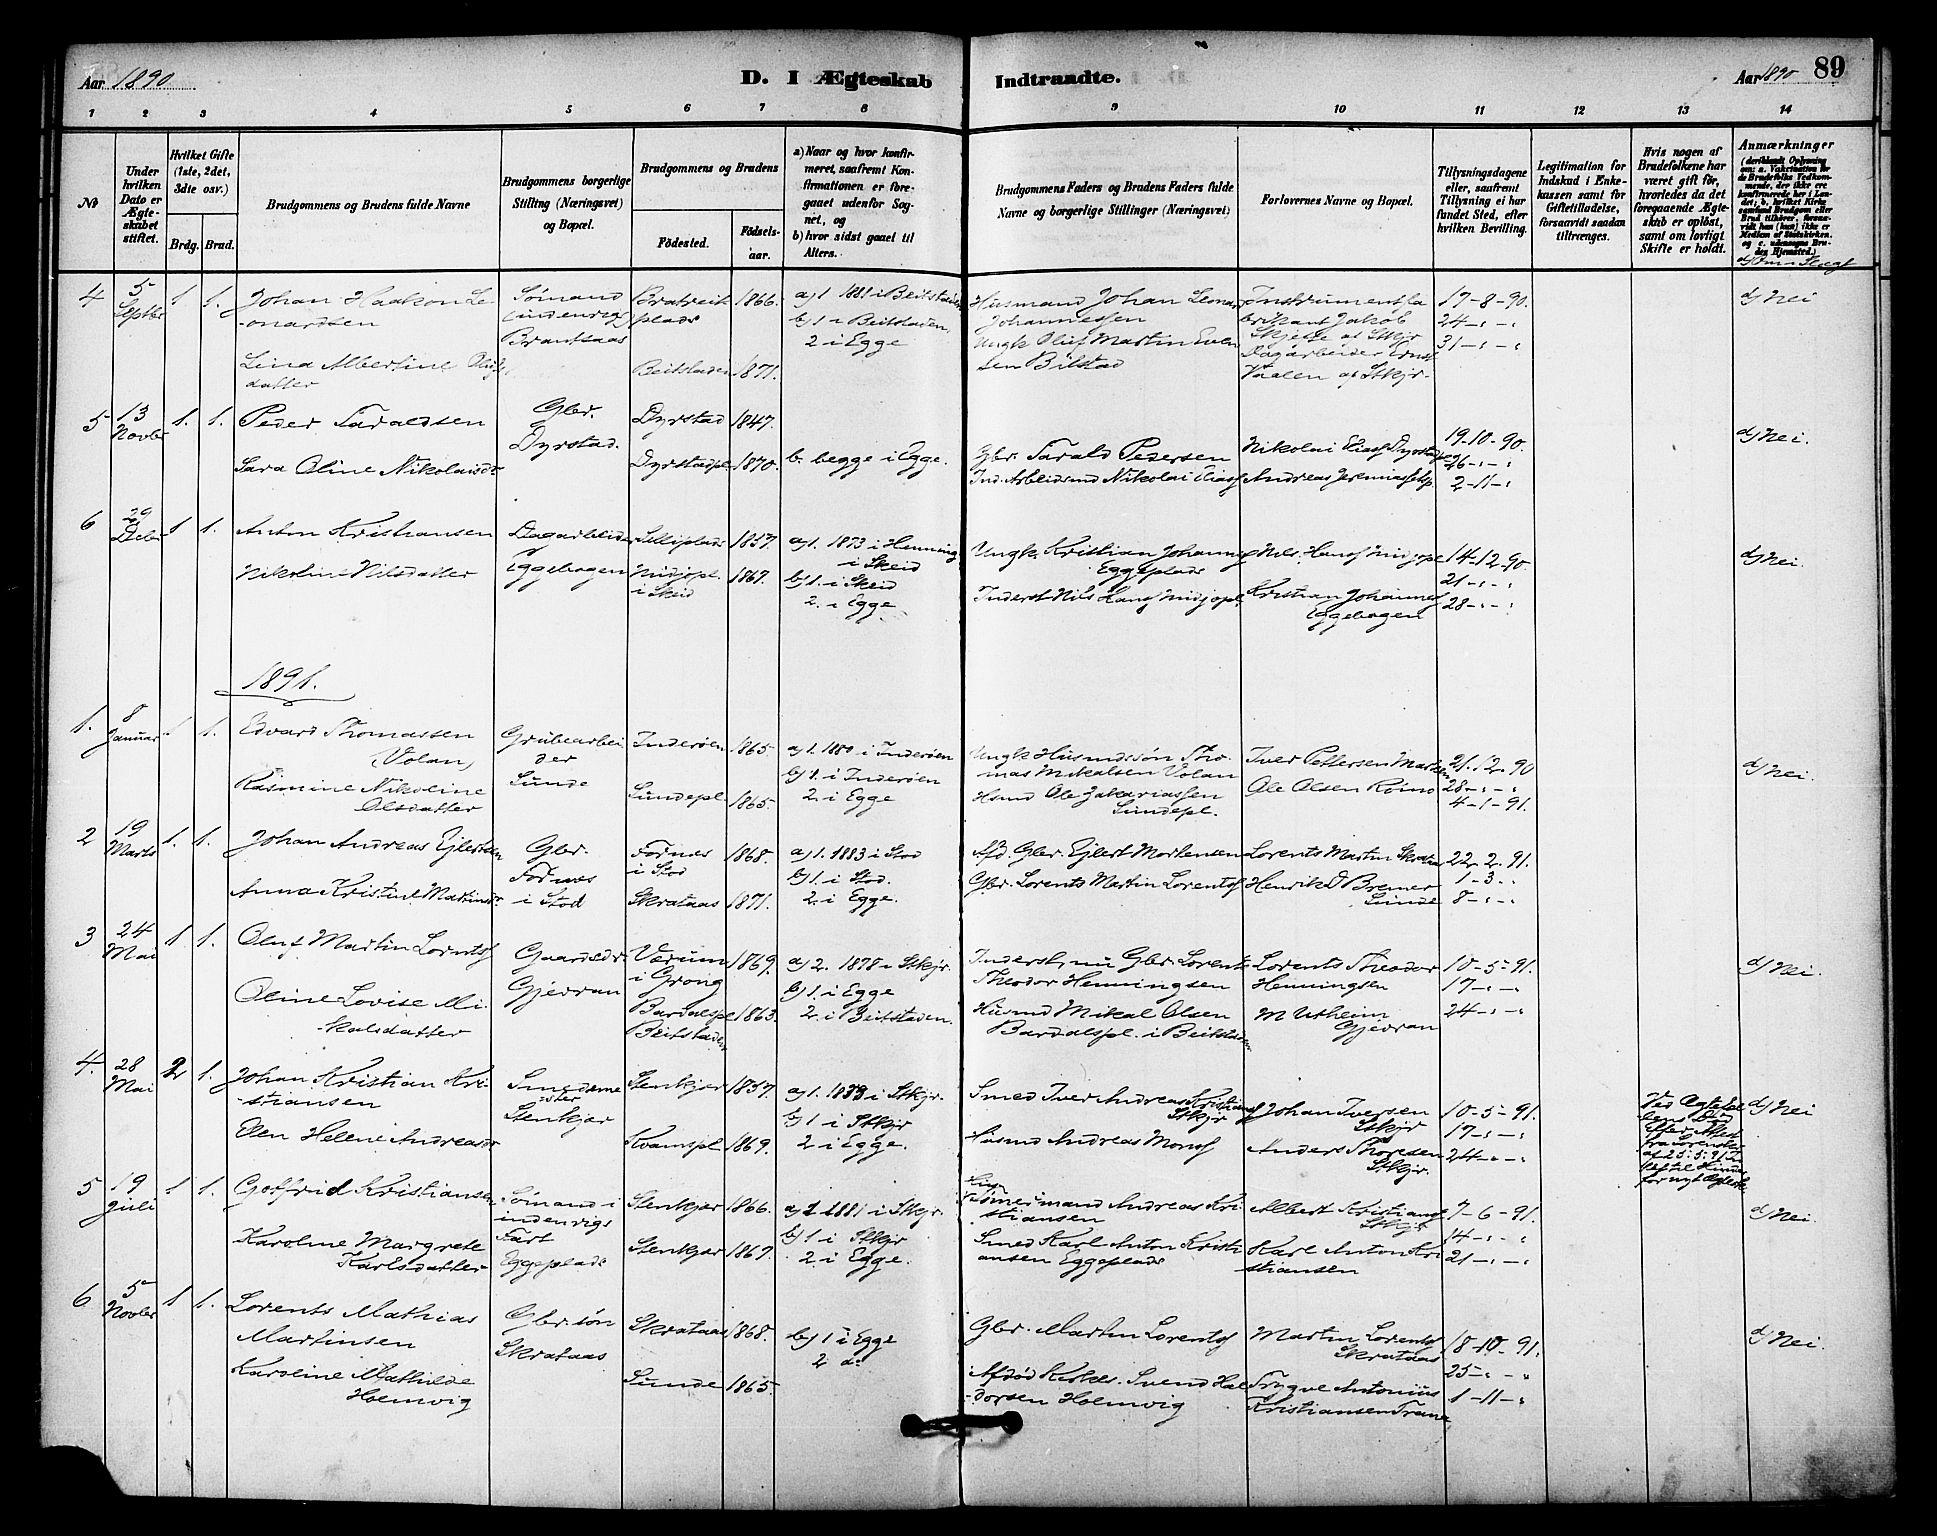 SAT, Ministerialprotokoller, klokkerbøker og fødselsregistre - Nord-Trøndelag, 740/L0378: Ministerialbok nr. 740A01, 1881-1895, s. 89